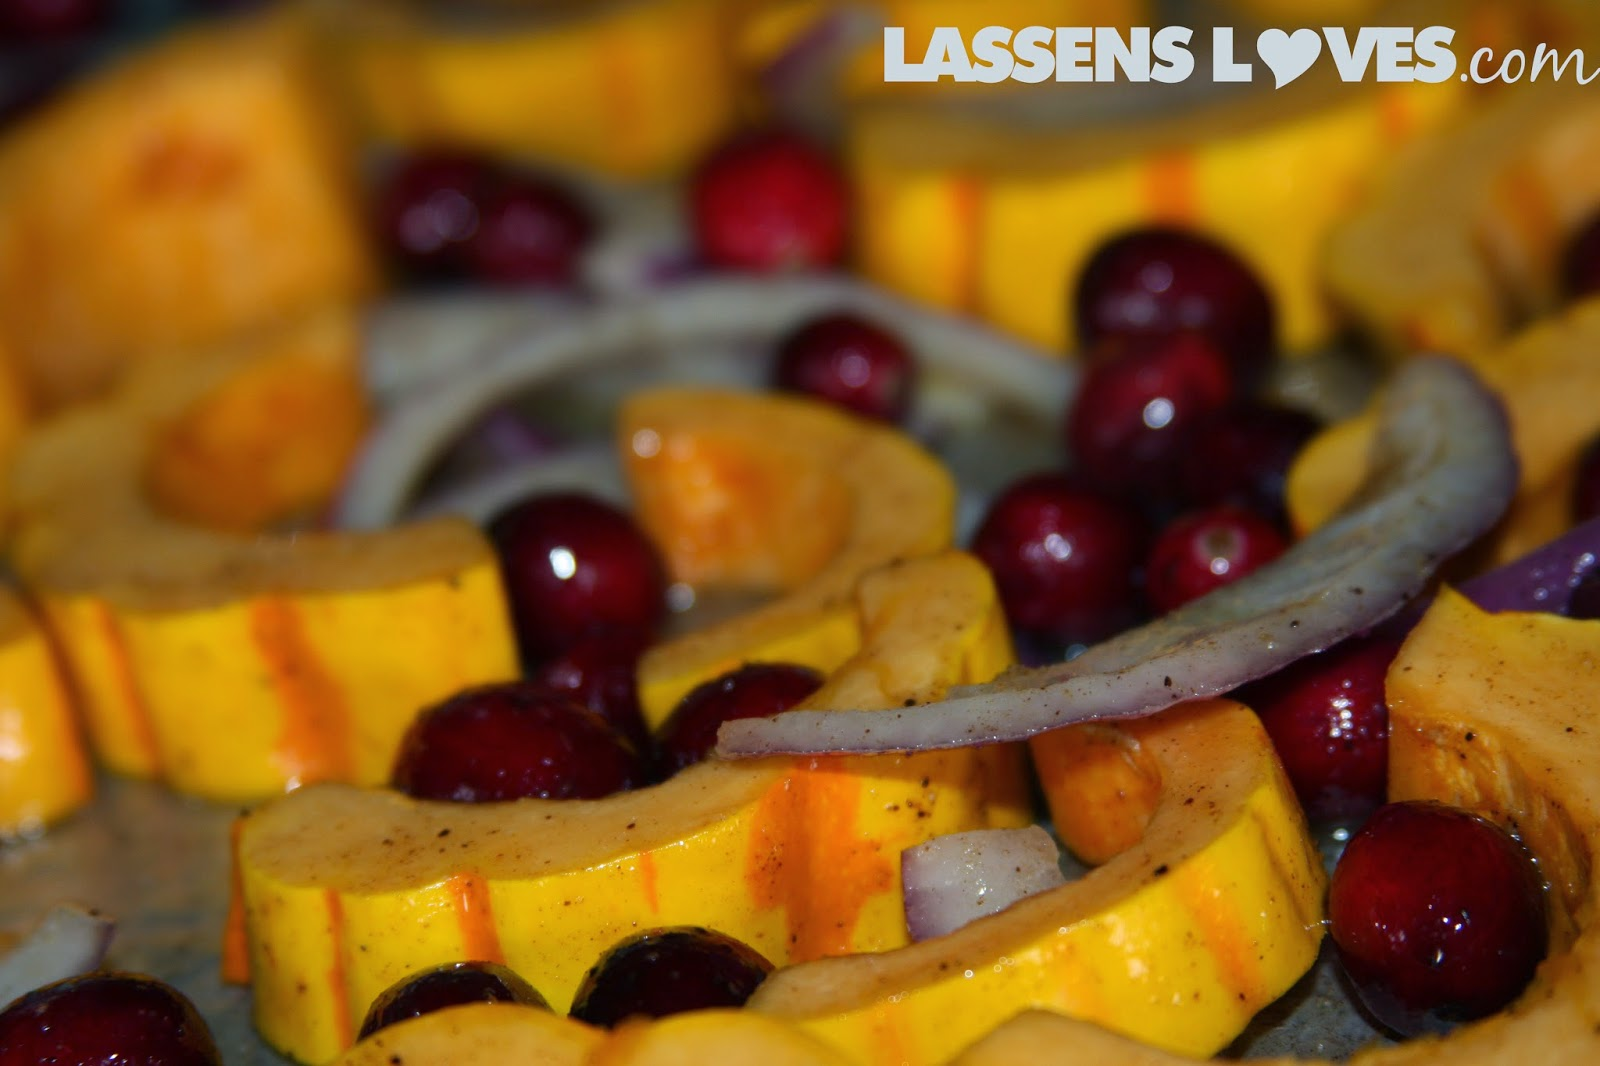 delicata+squash, winter+squash+recipes, delicata+squash+recipes, cranberry+recipes